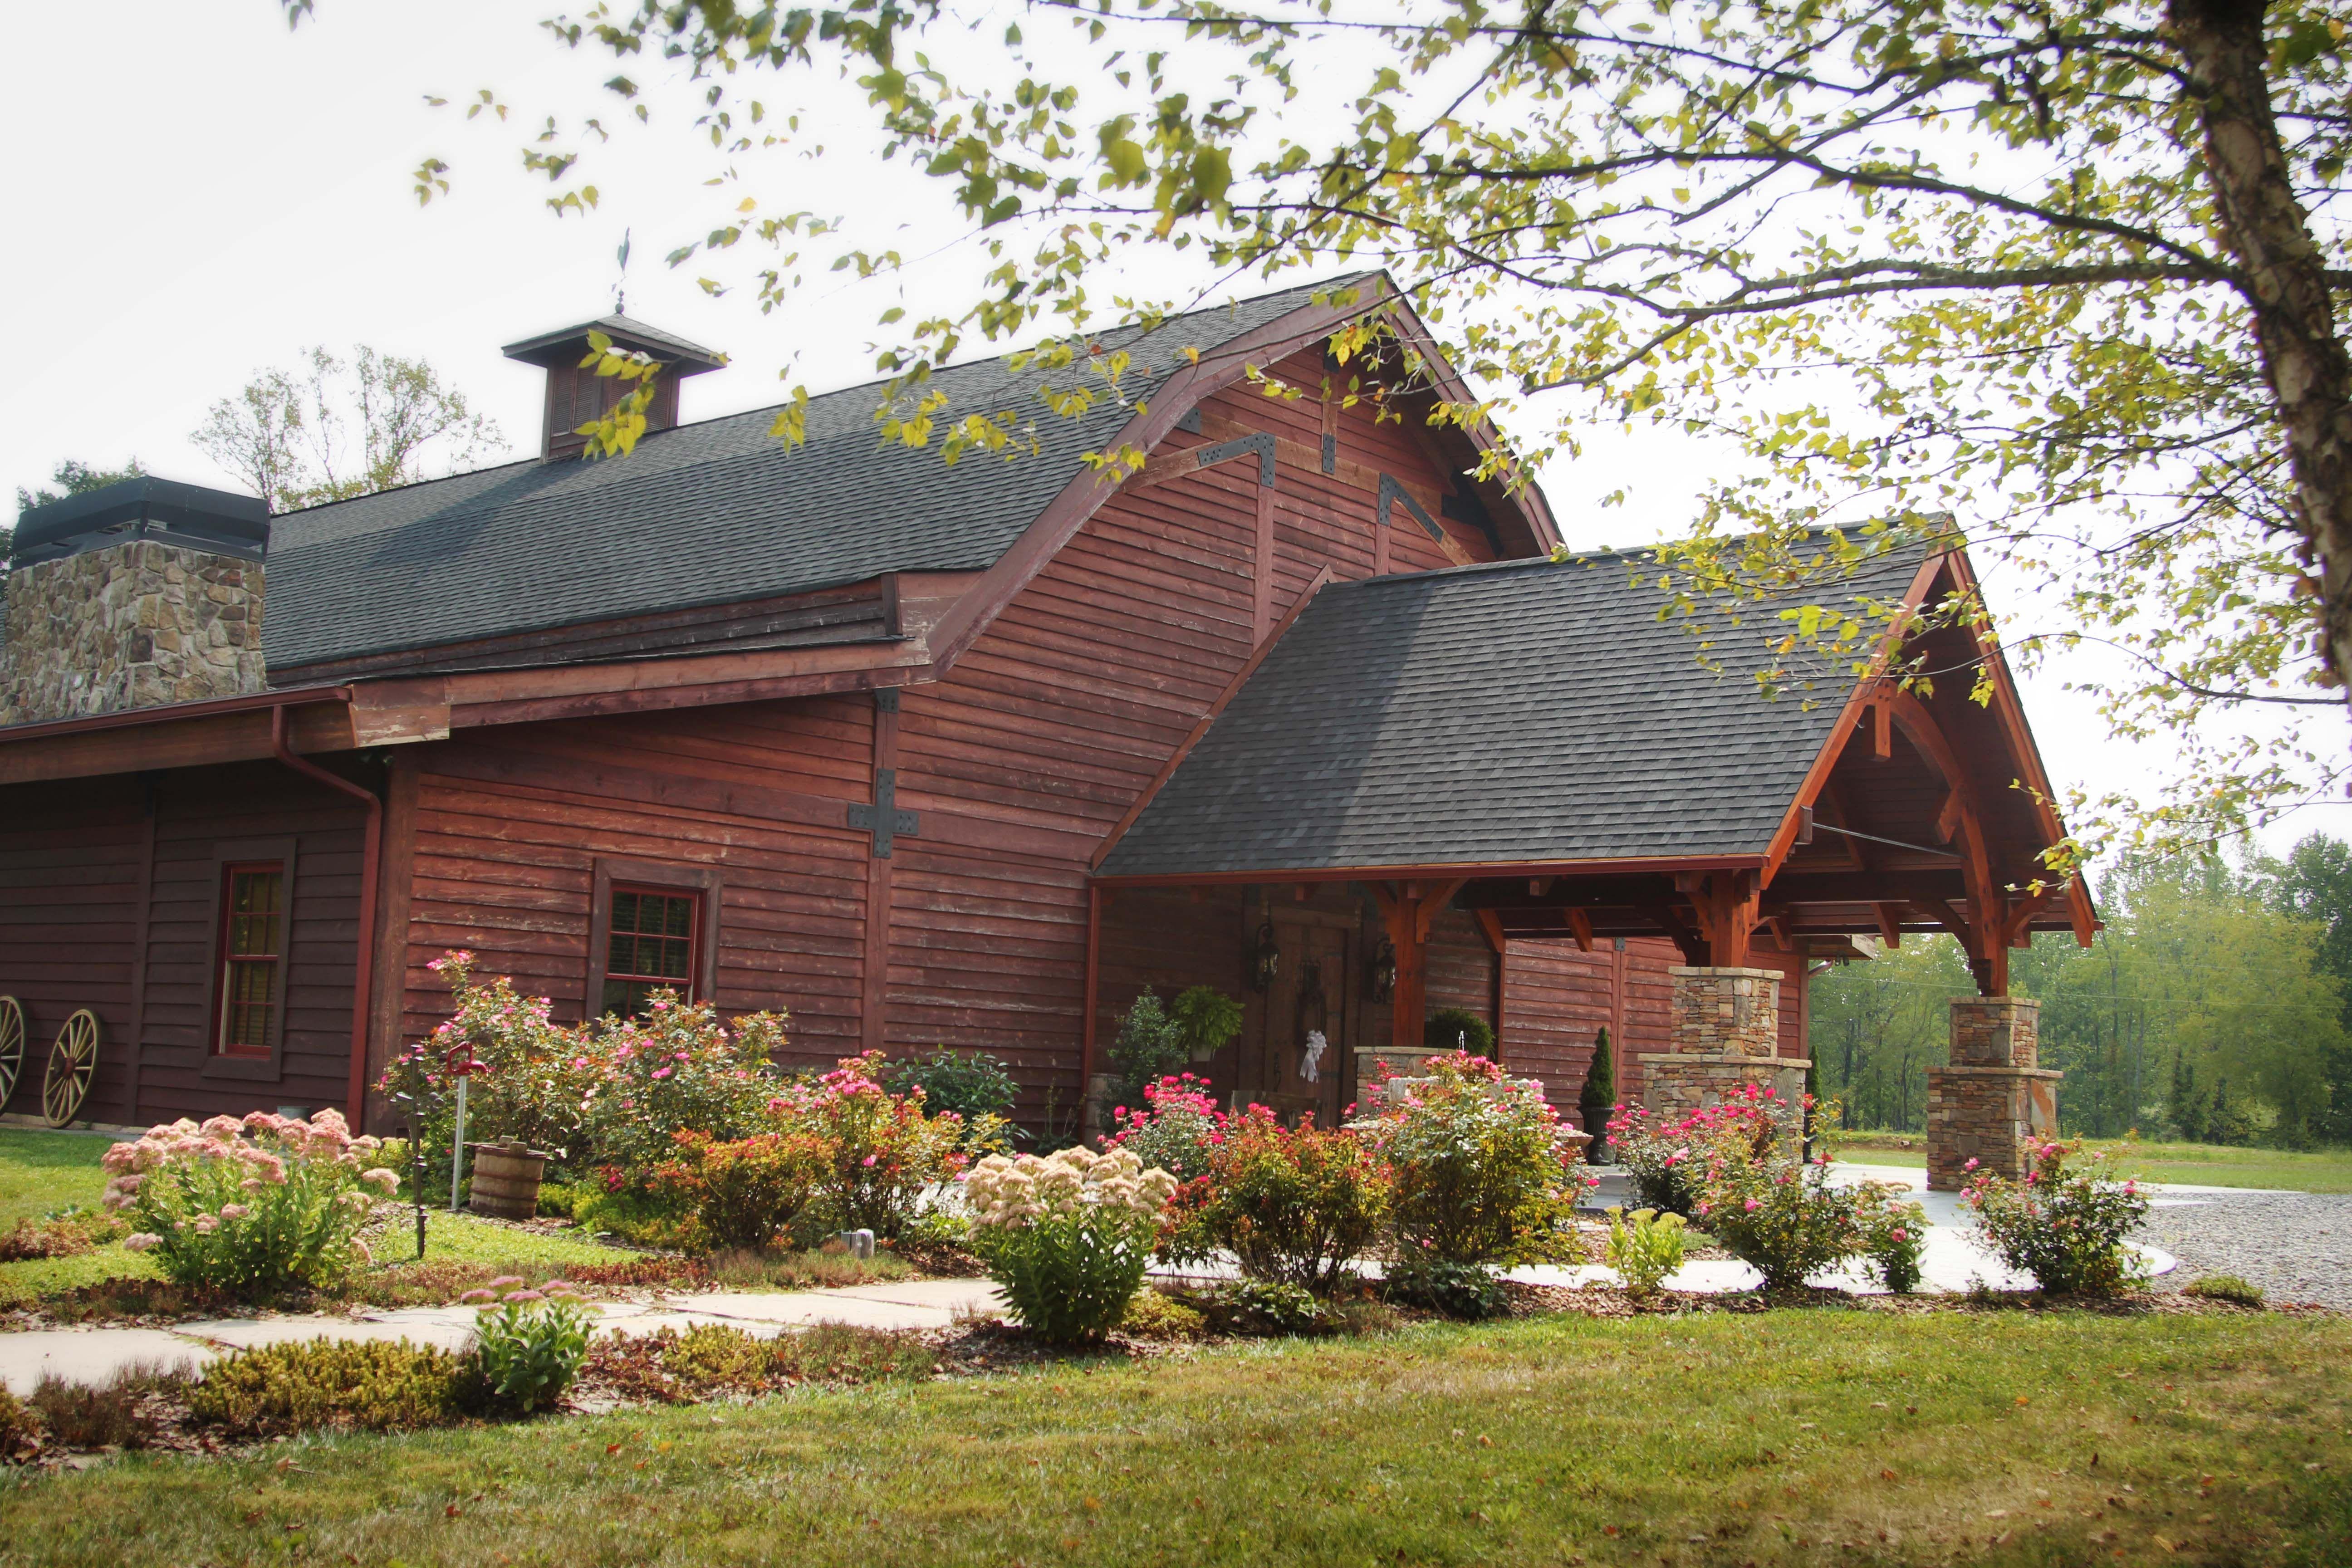 North Carolina Rustic Bride Barn Wedding Venues, Farm